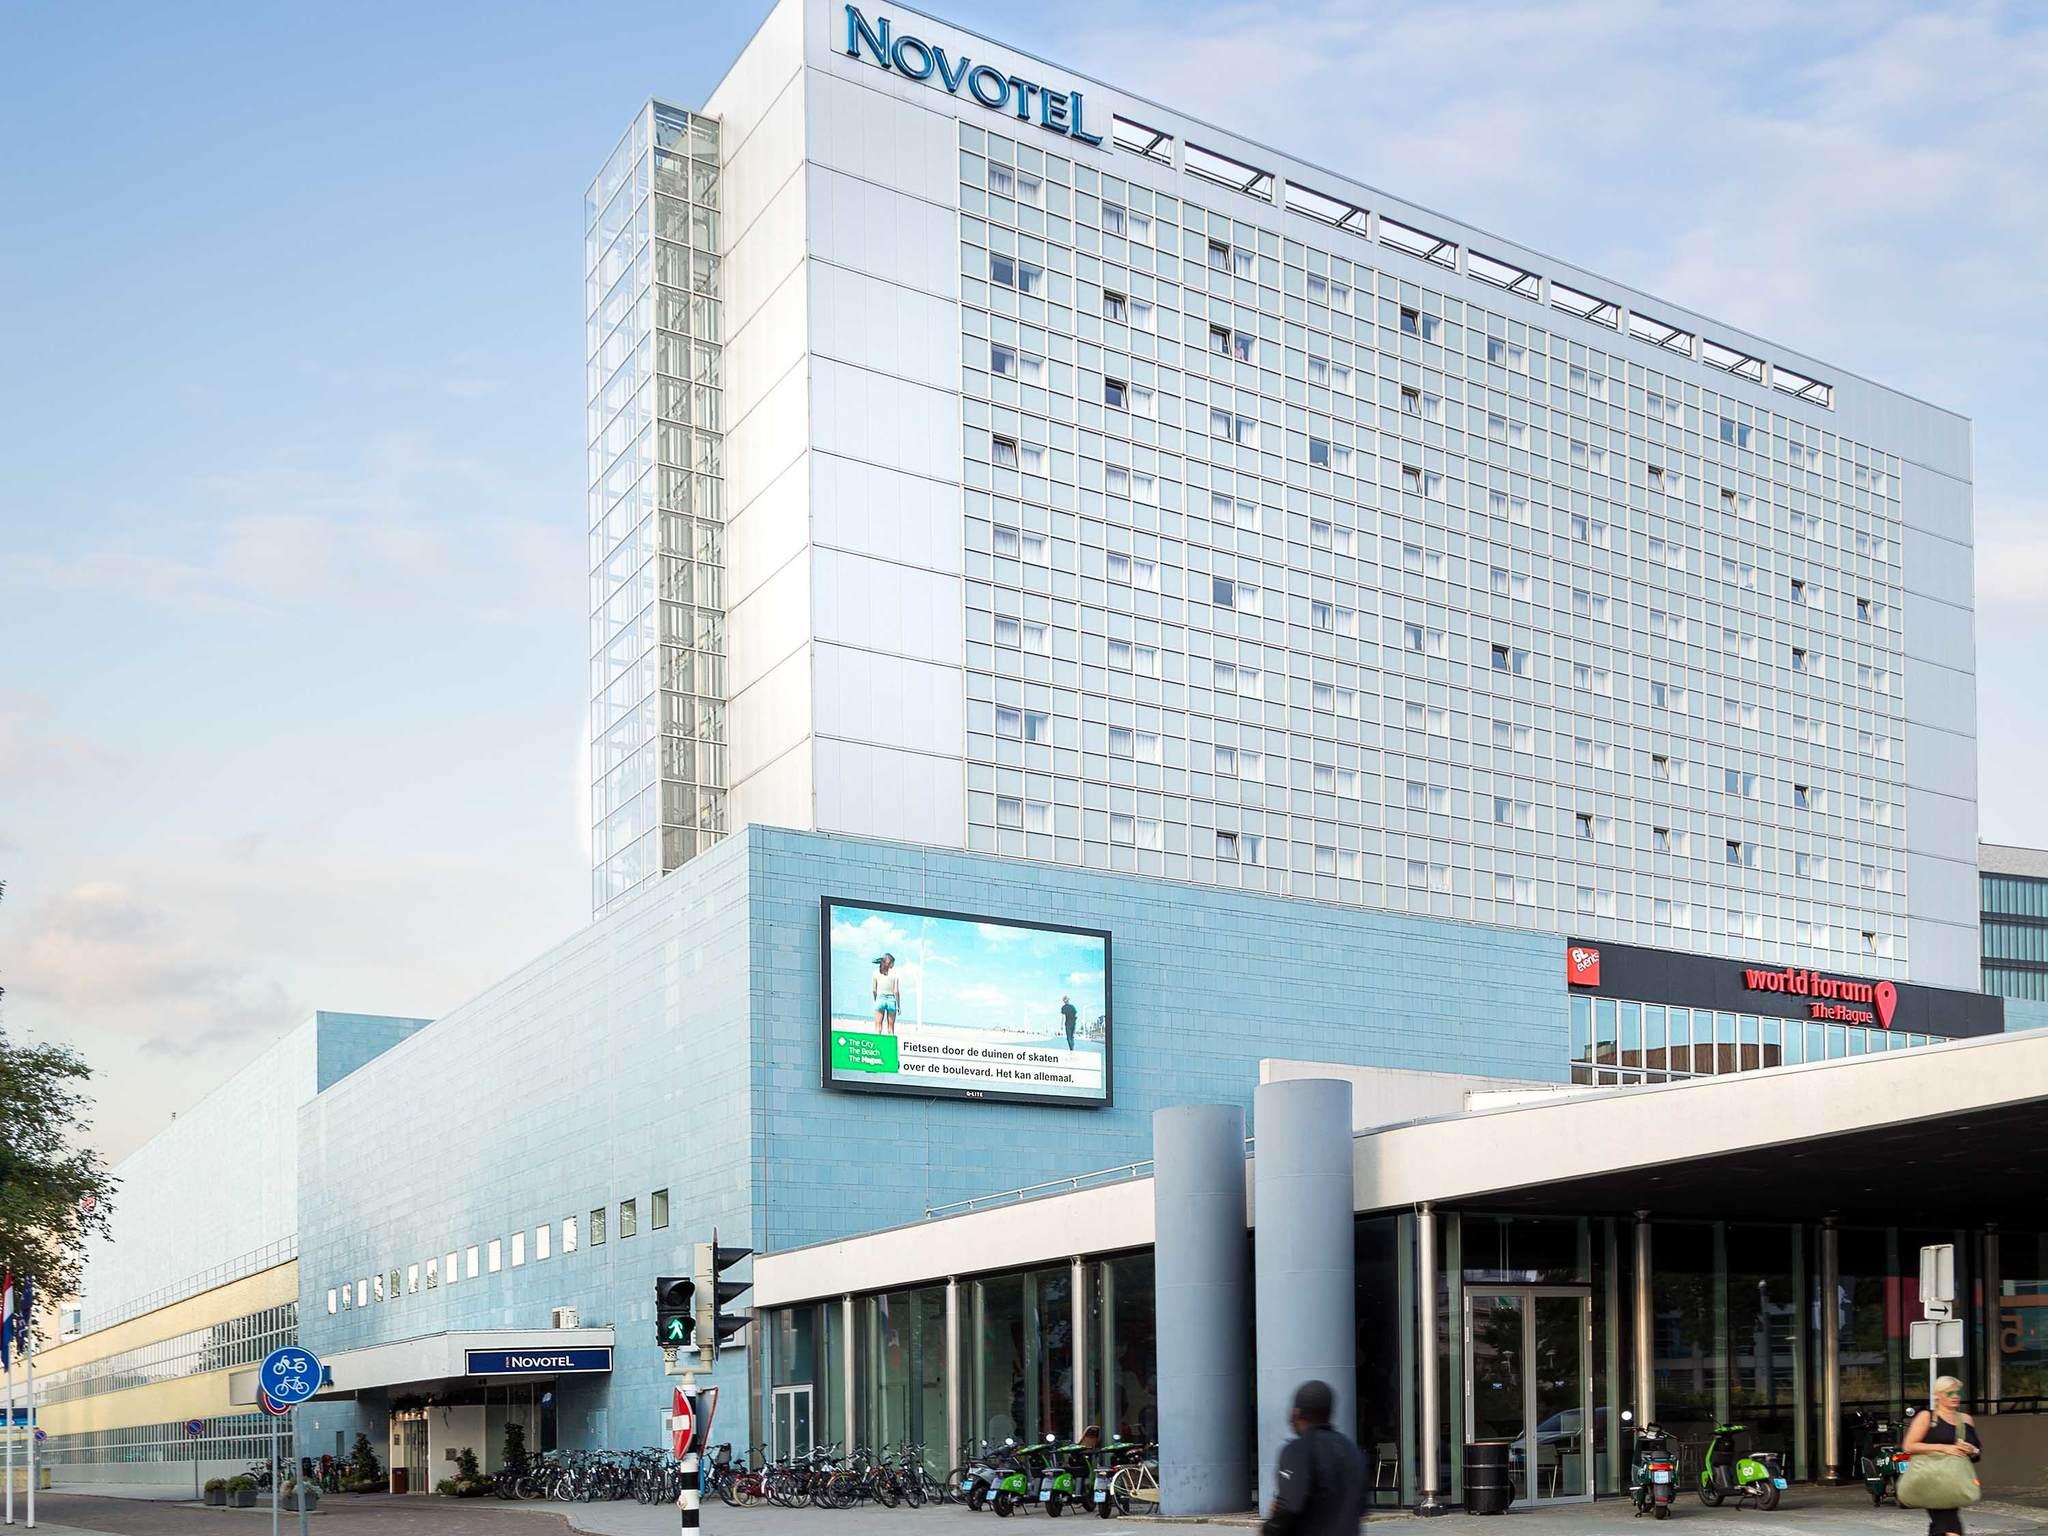 โรงแรม – โนโวเทล เดน ฮาก เวิลด์ ฟอรั่ม